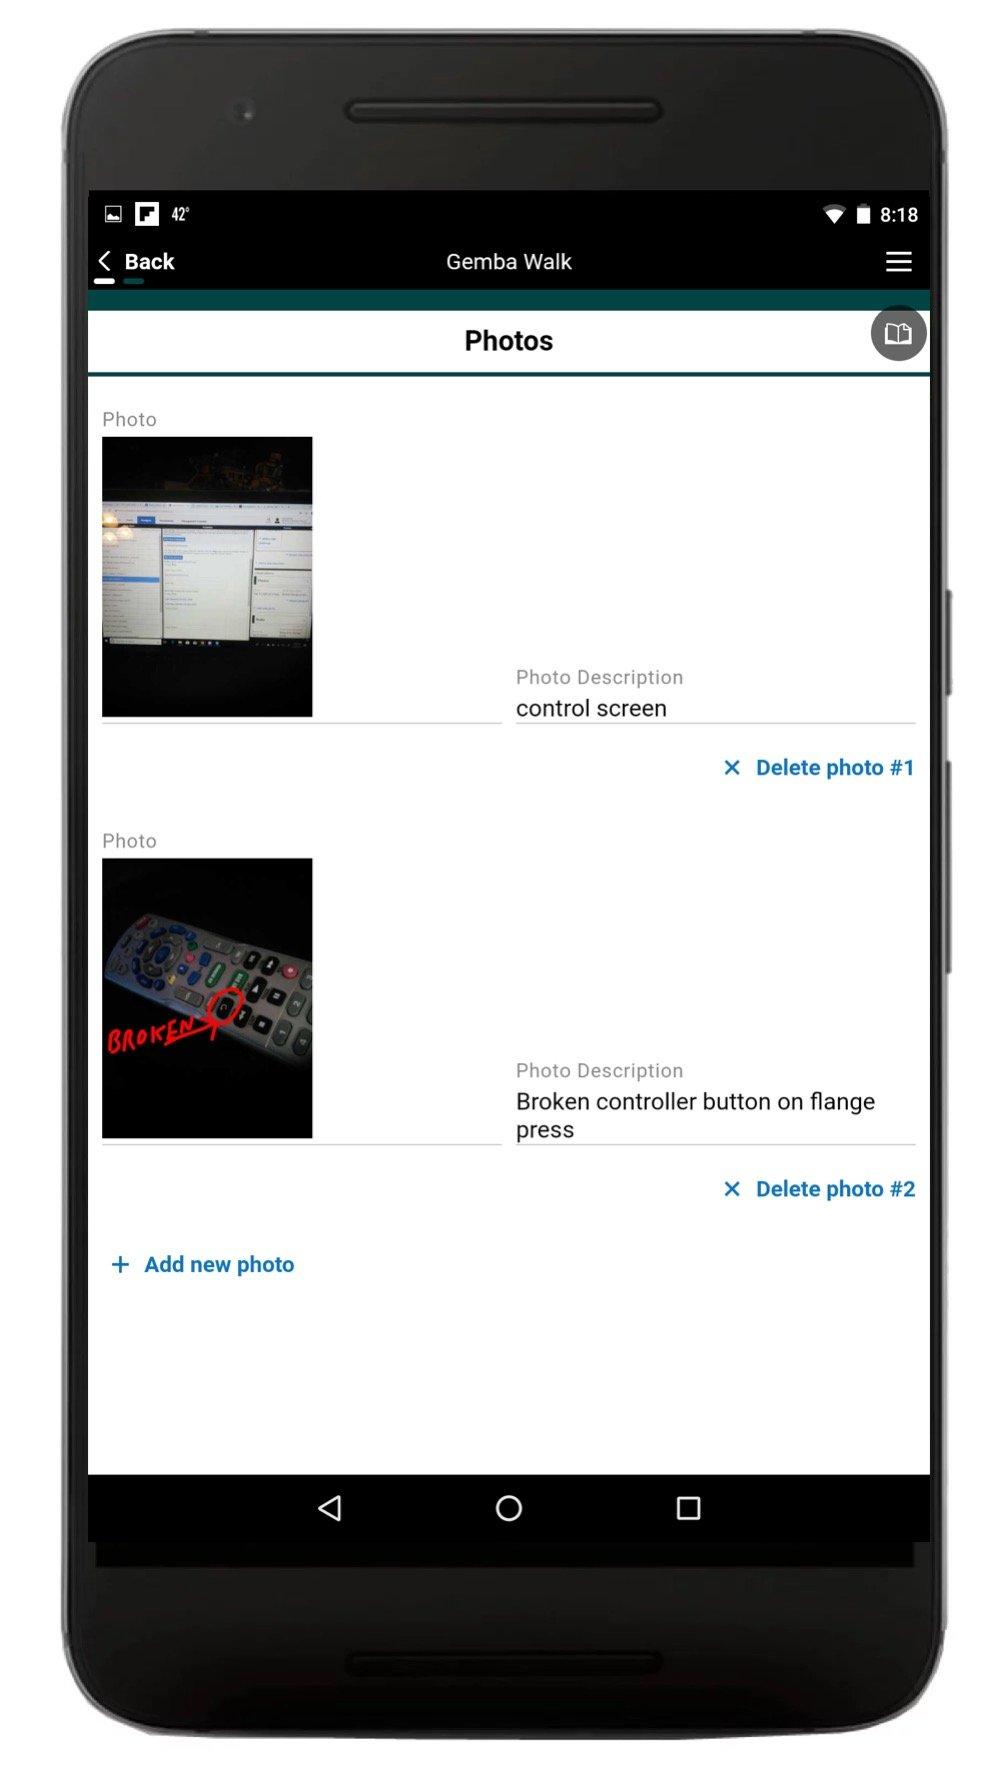 Safety Gemba Walk App 4